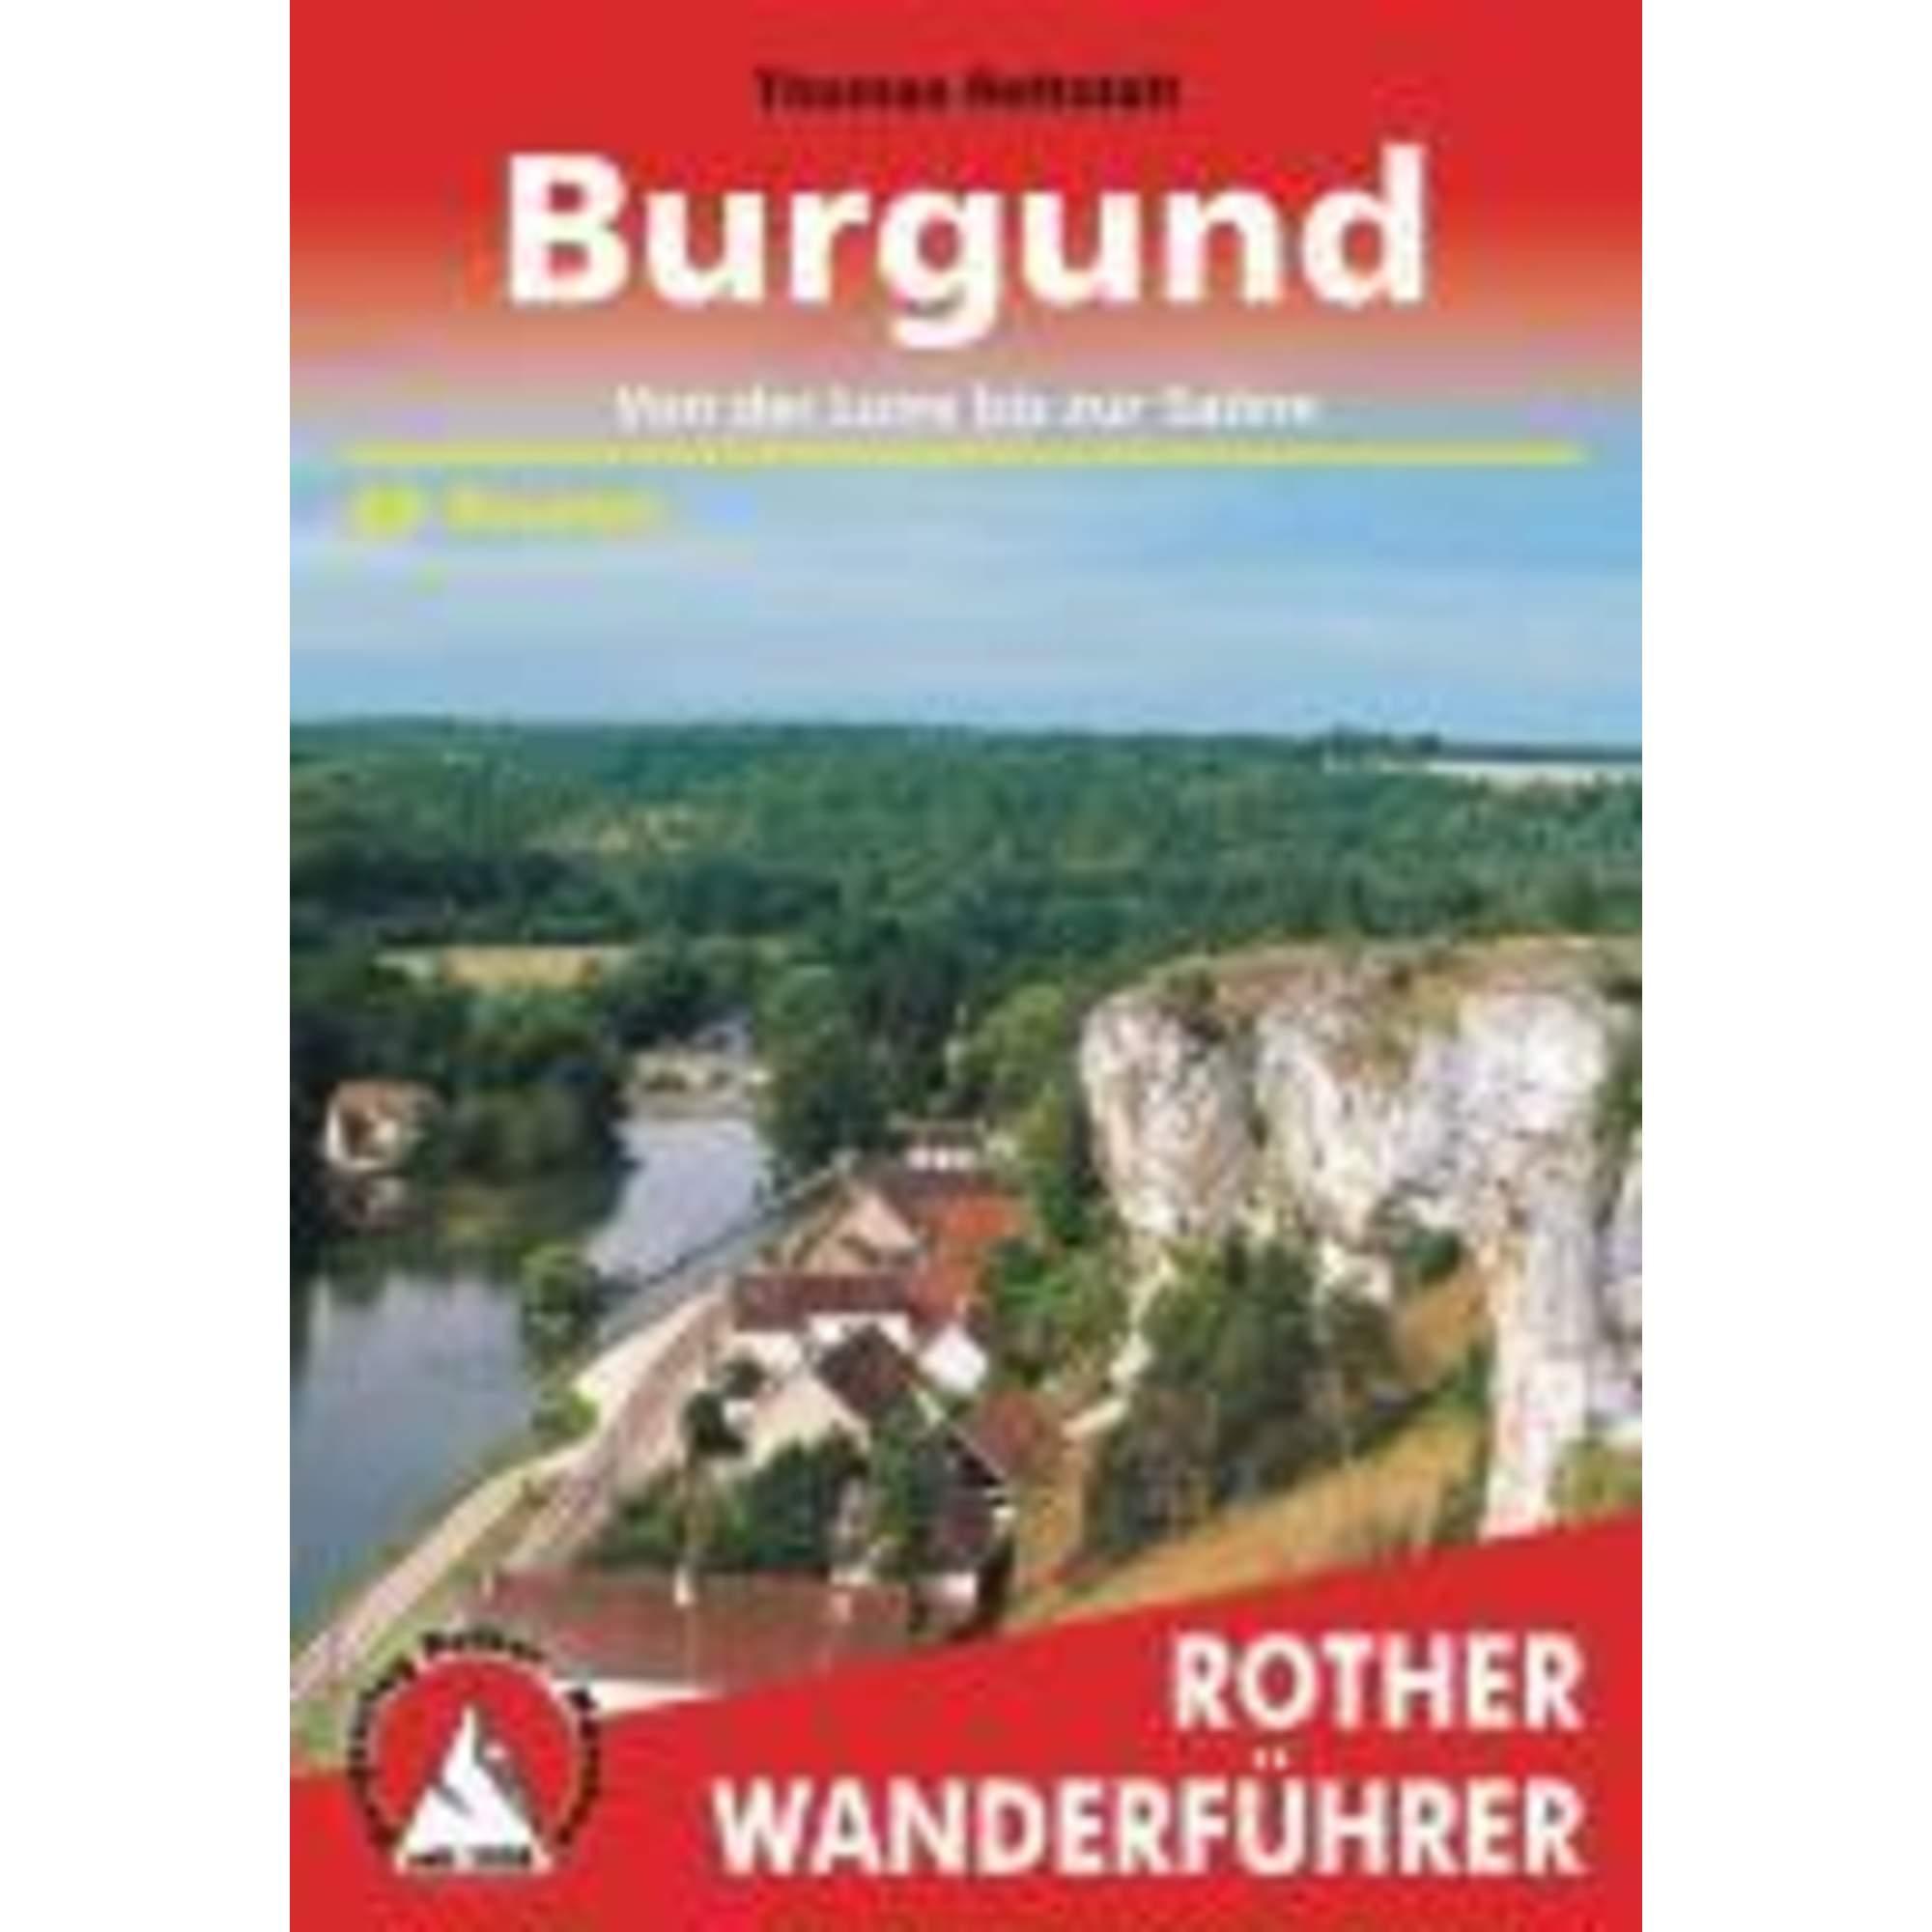 Burgund, 14,90 Euro